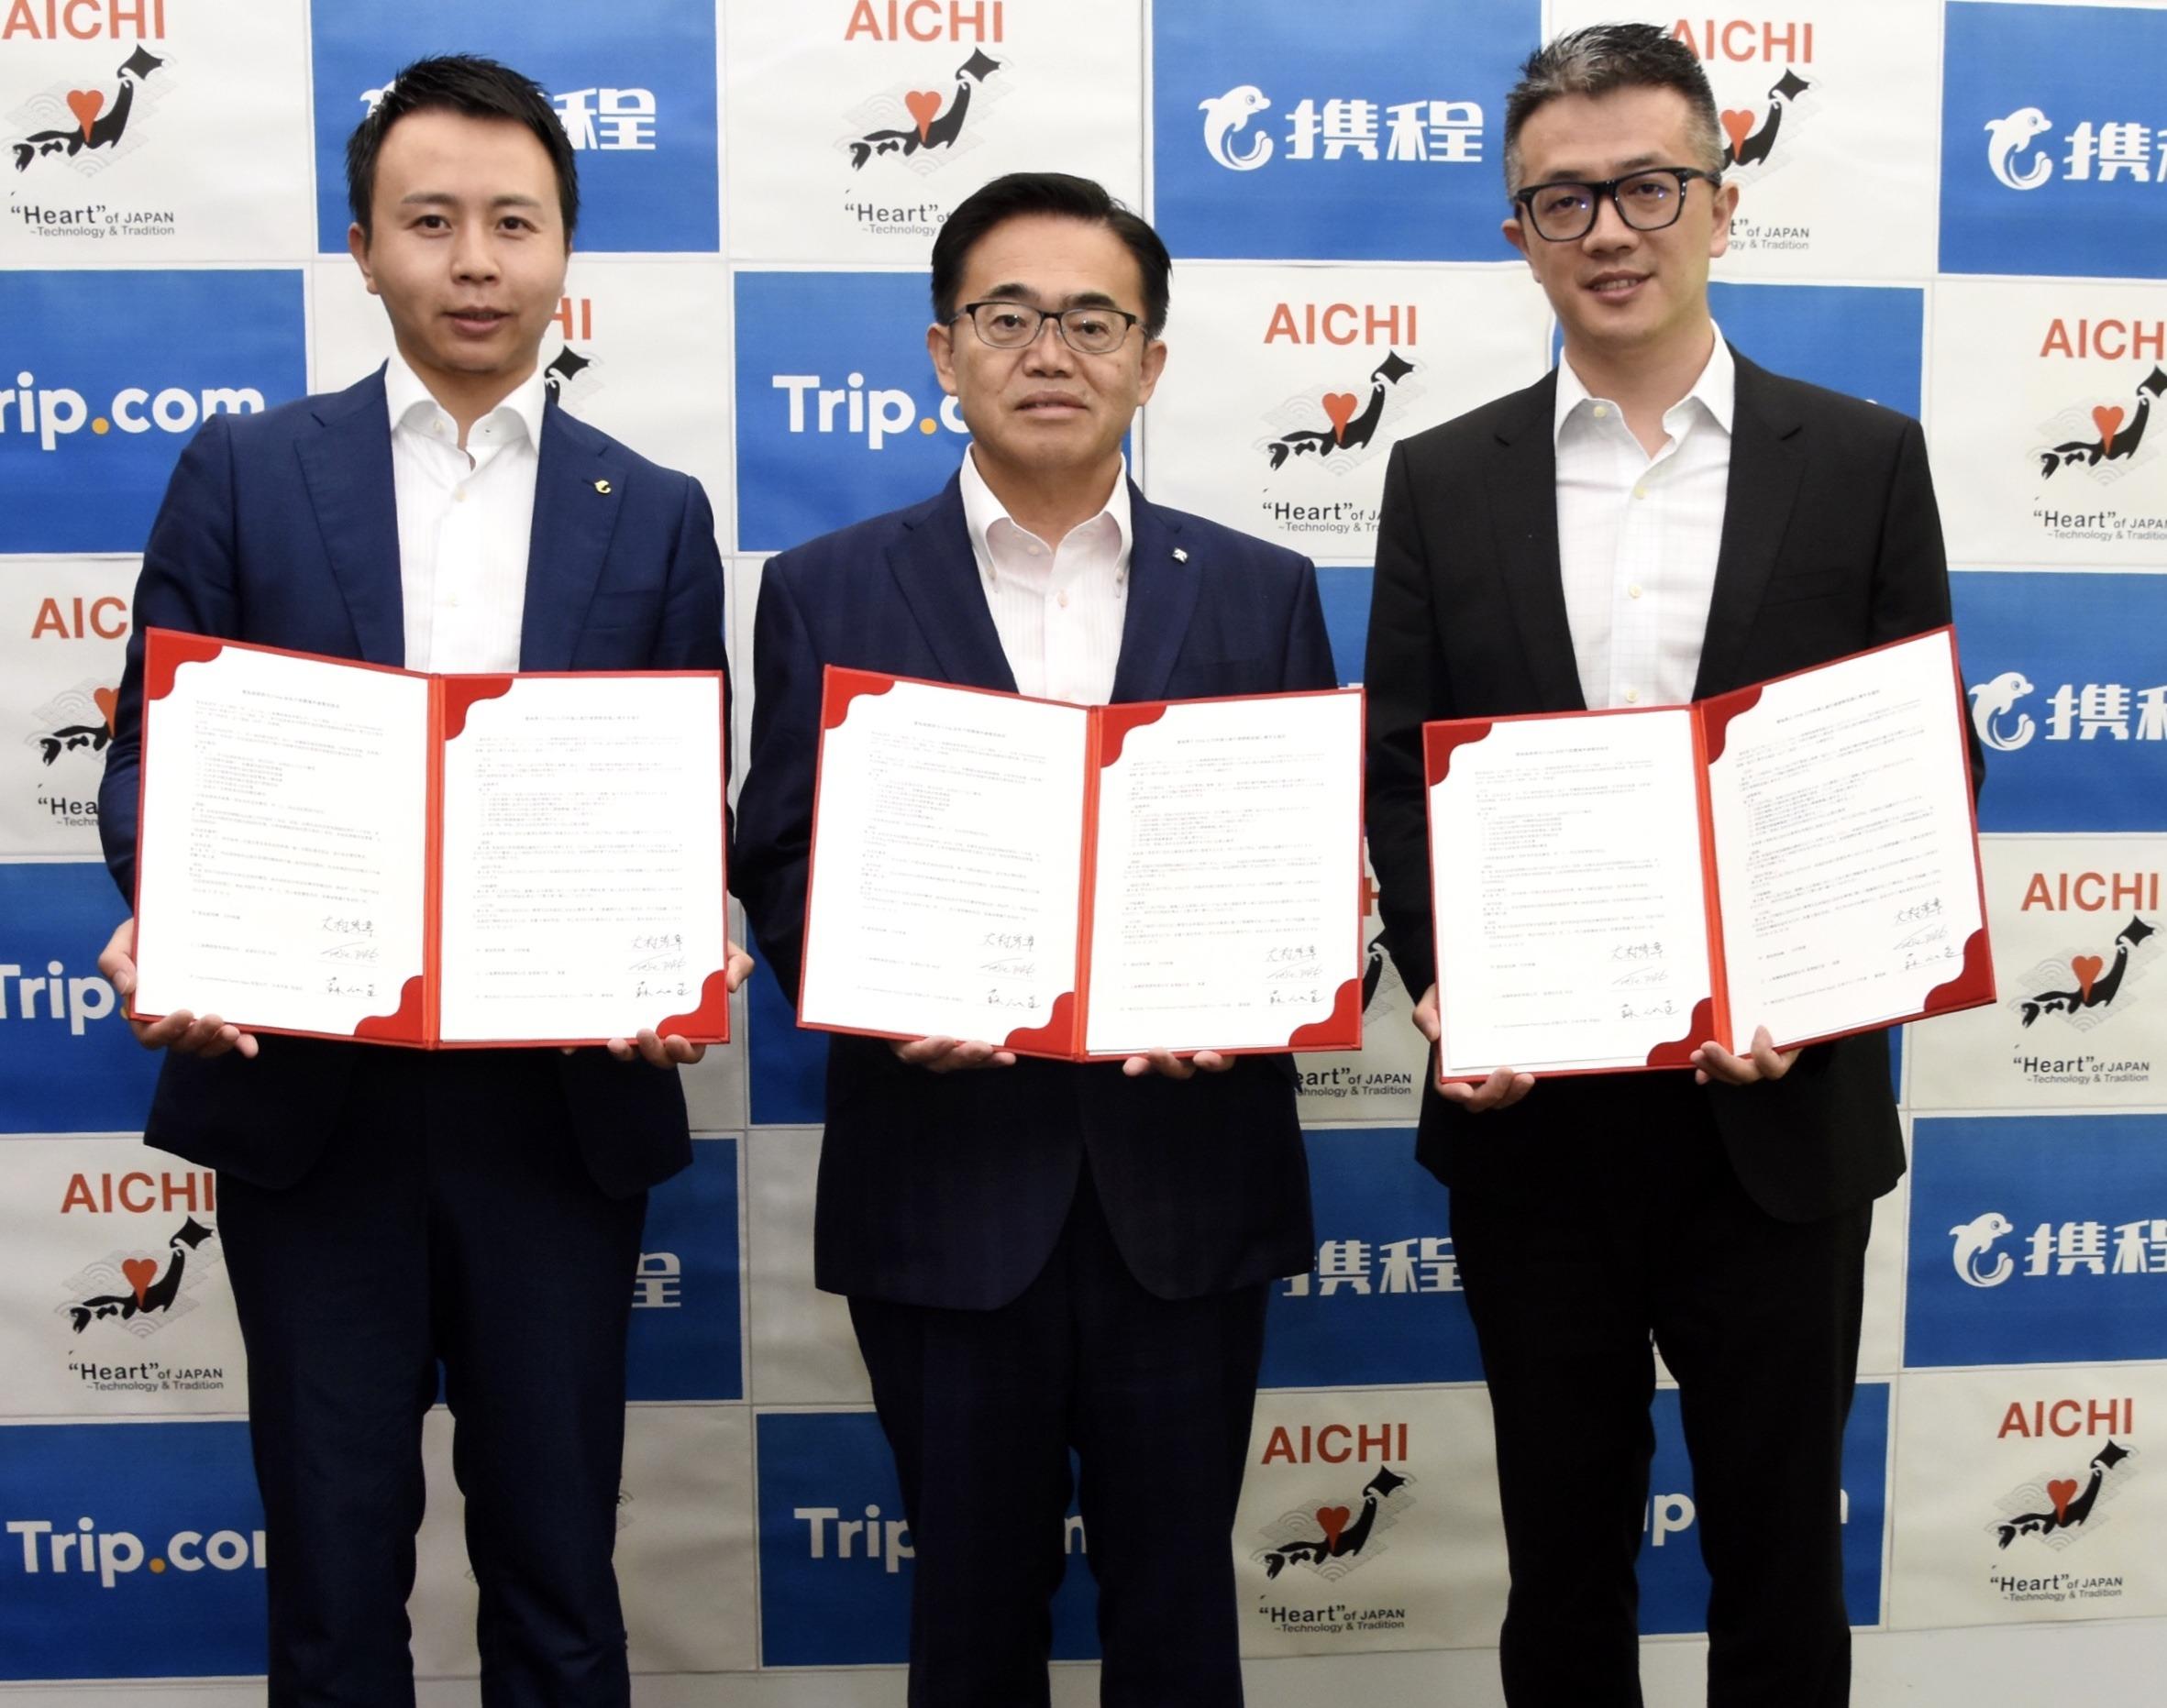 携程签约日本爱知县 探索主题游促中日交流